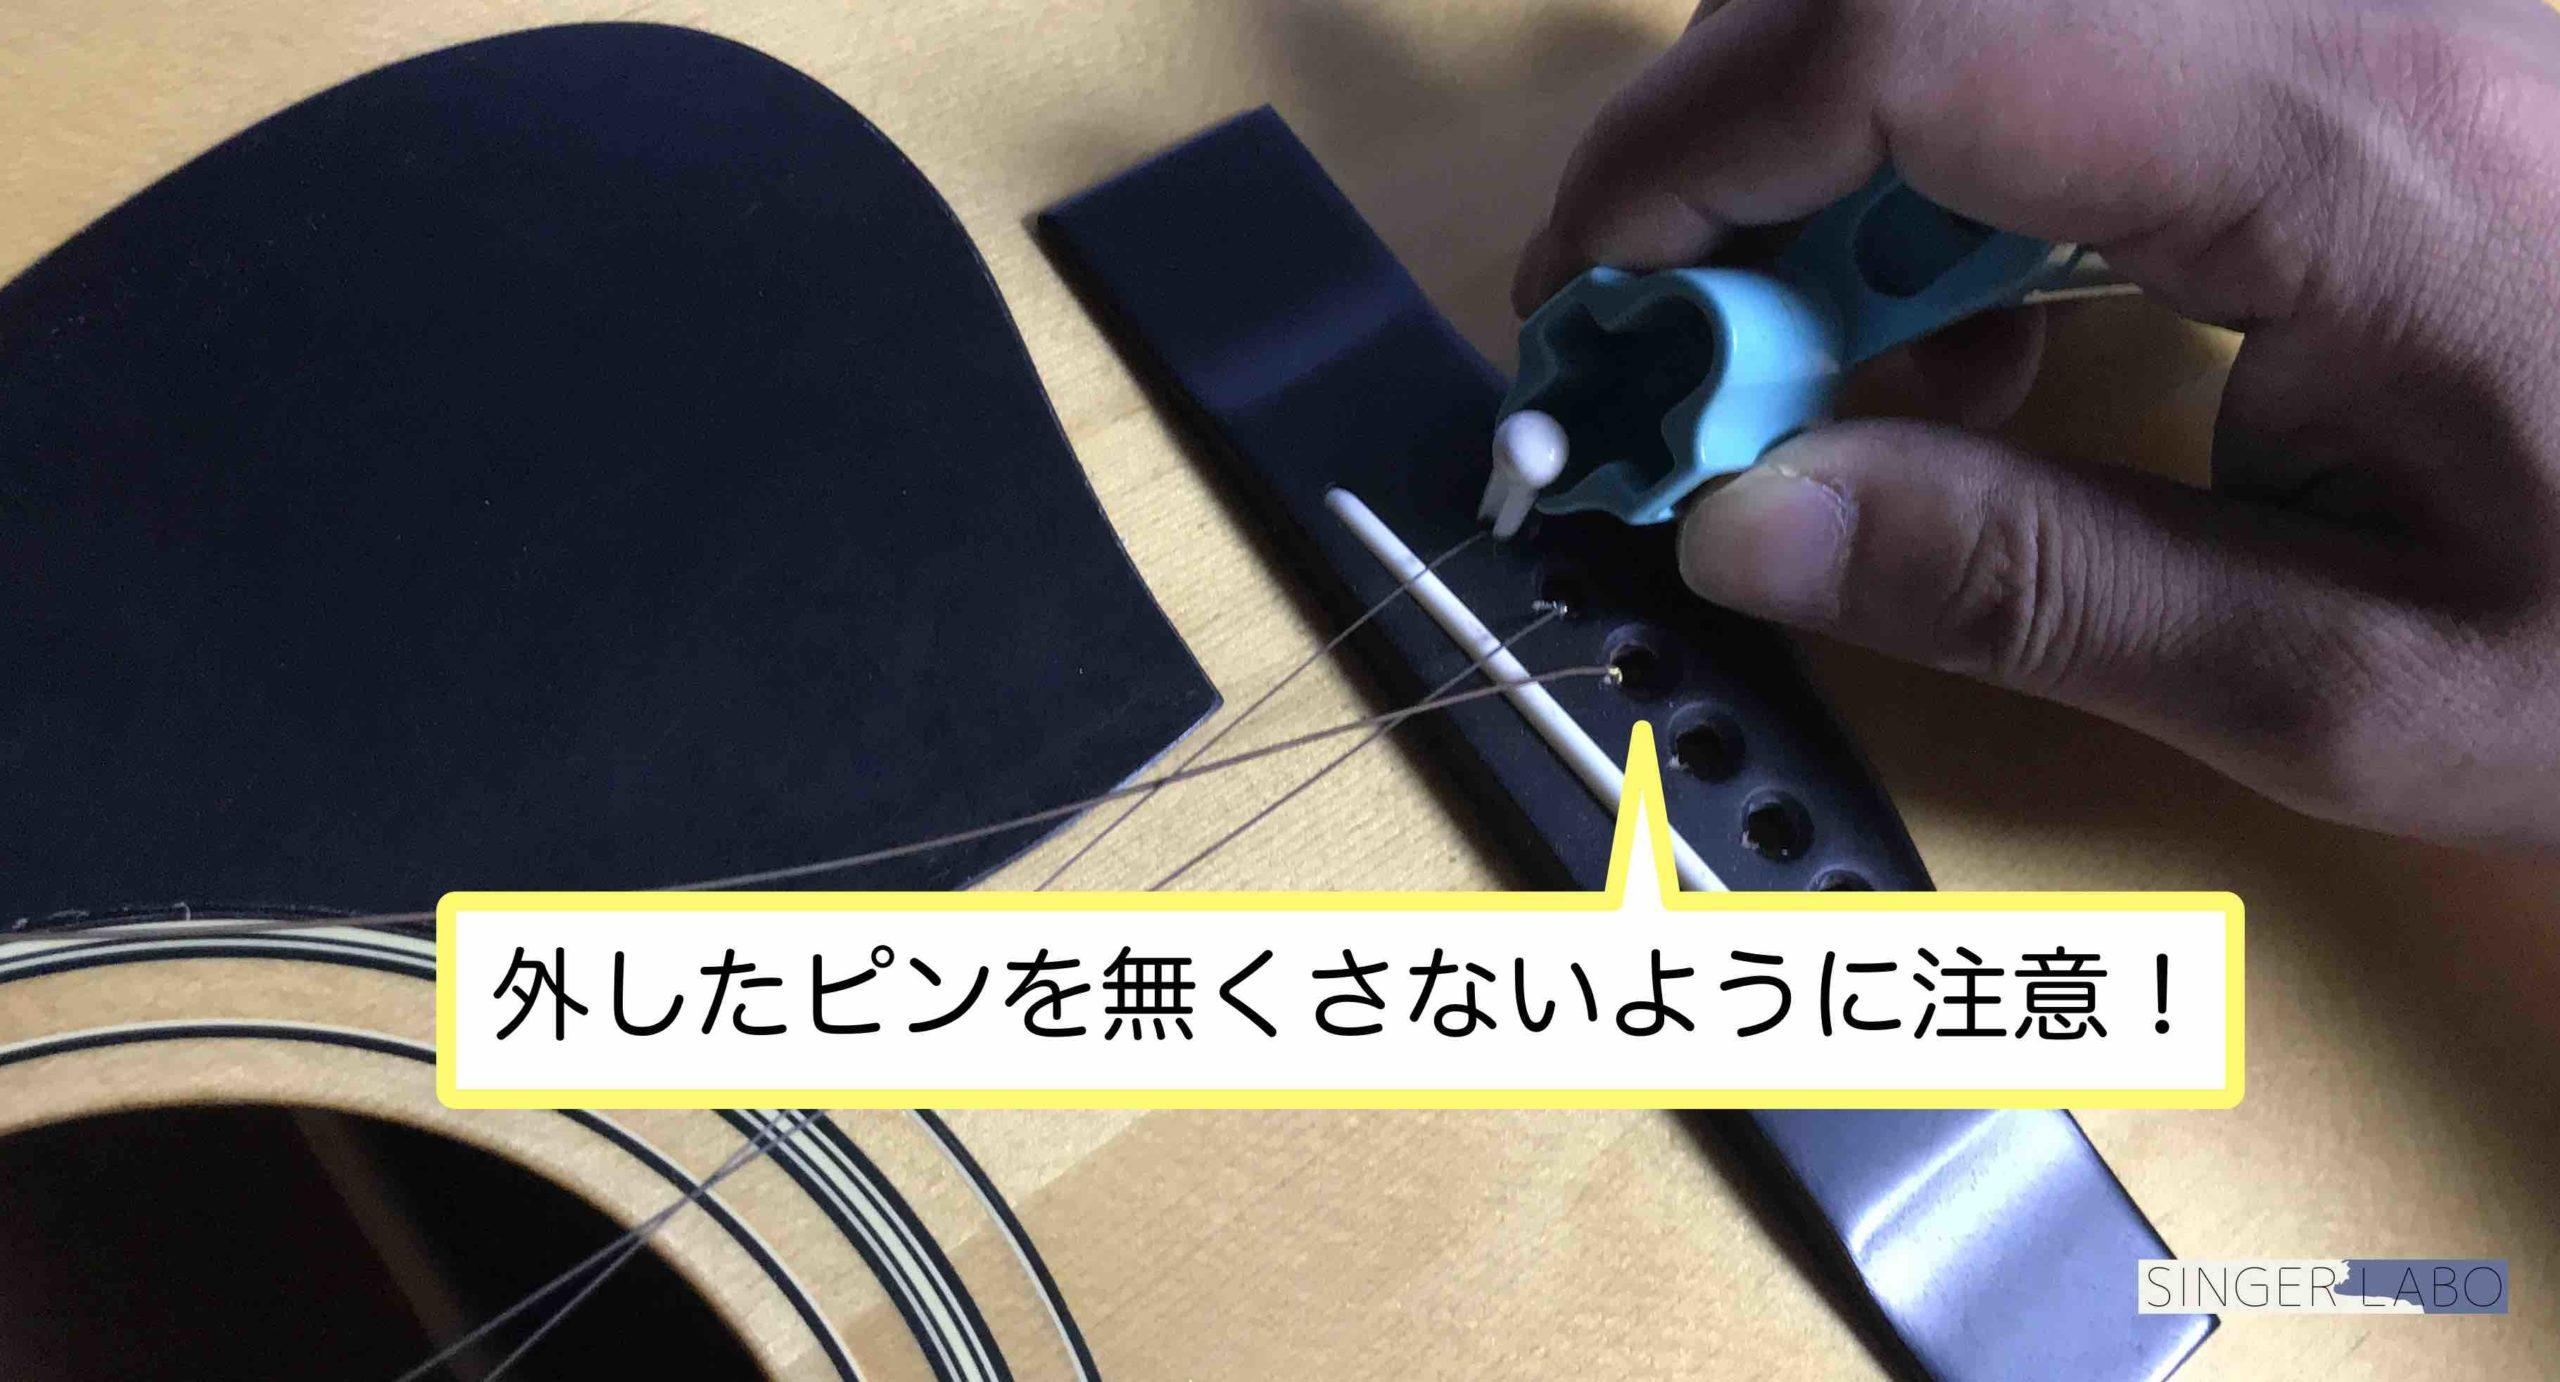 ギター弦交換手順②: 弦を全て外す